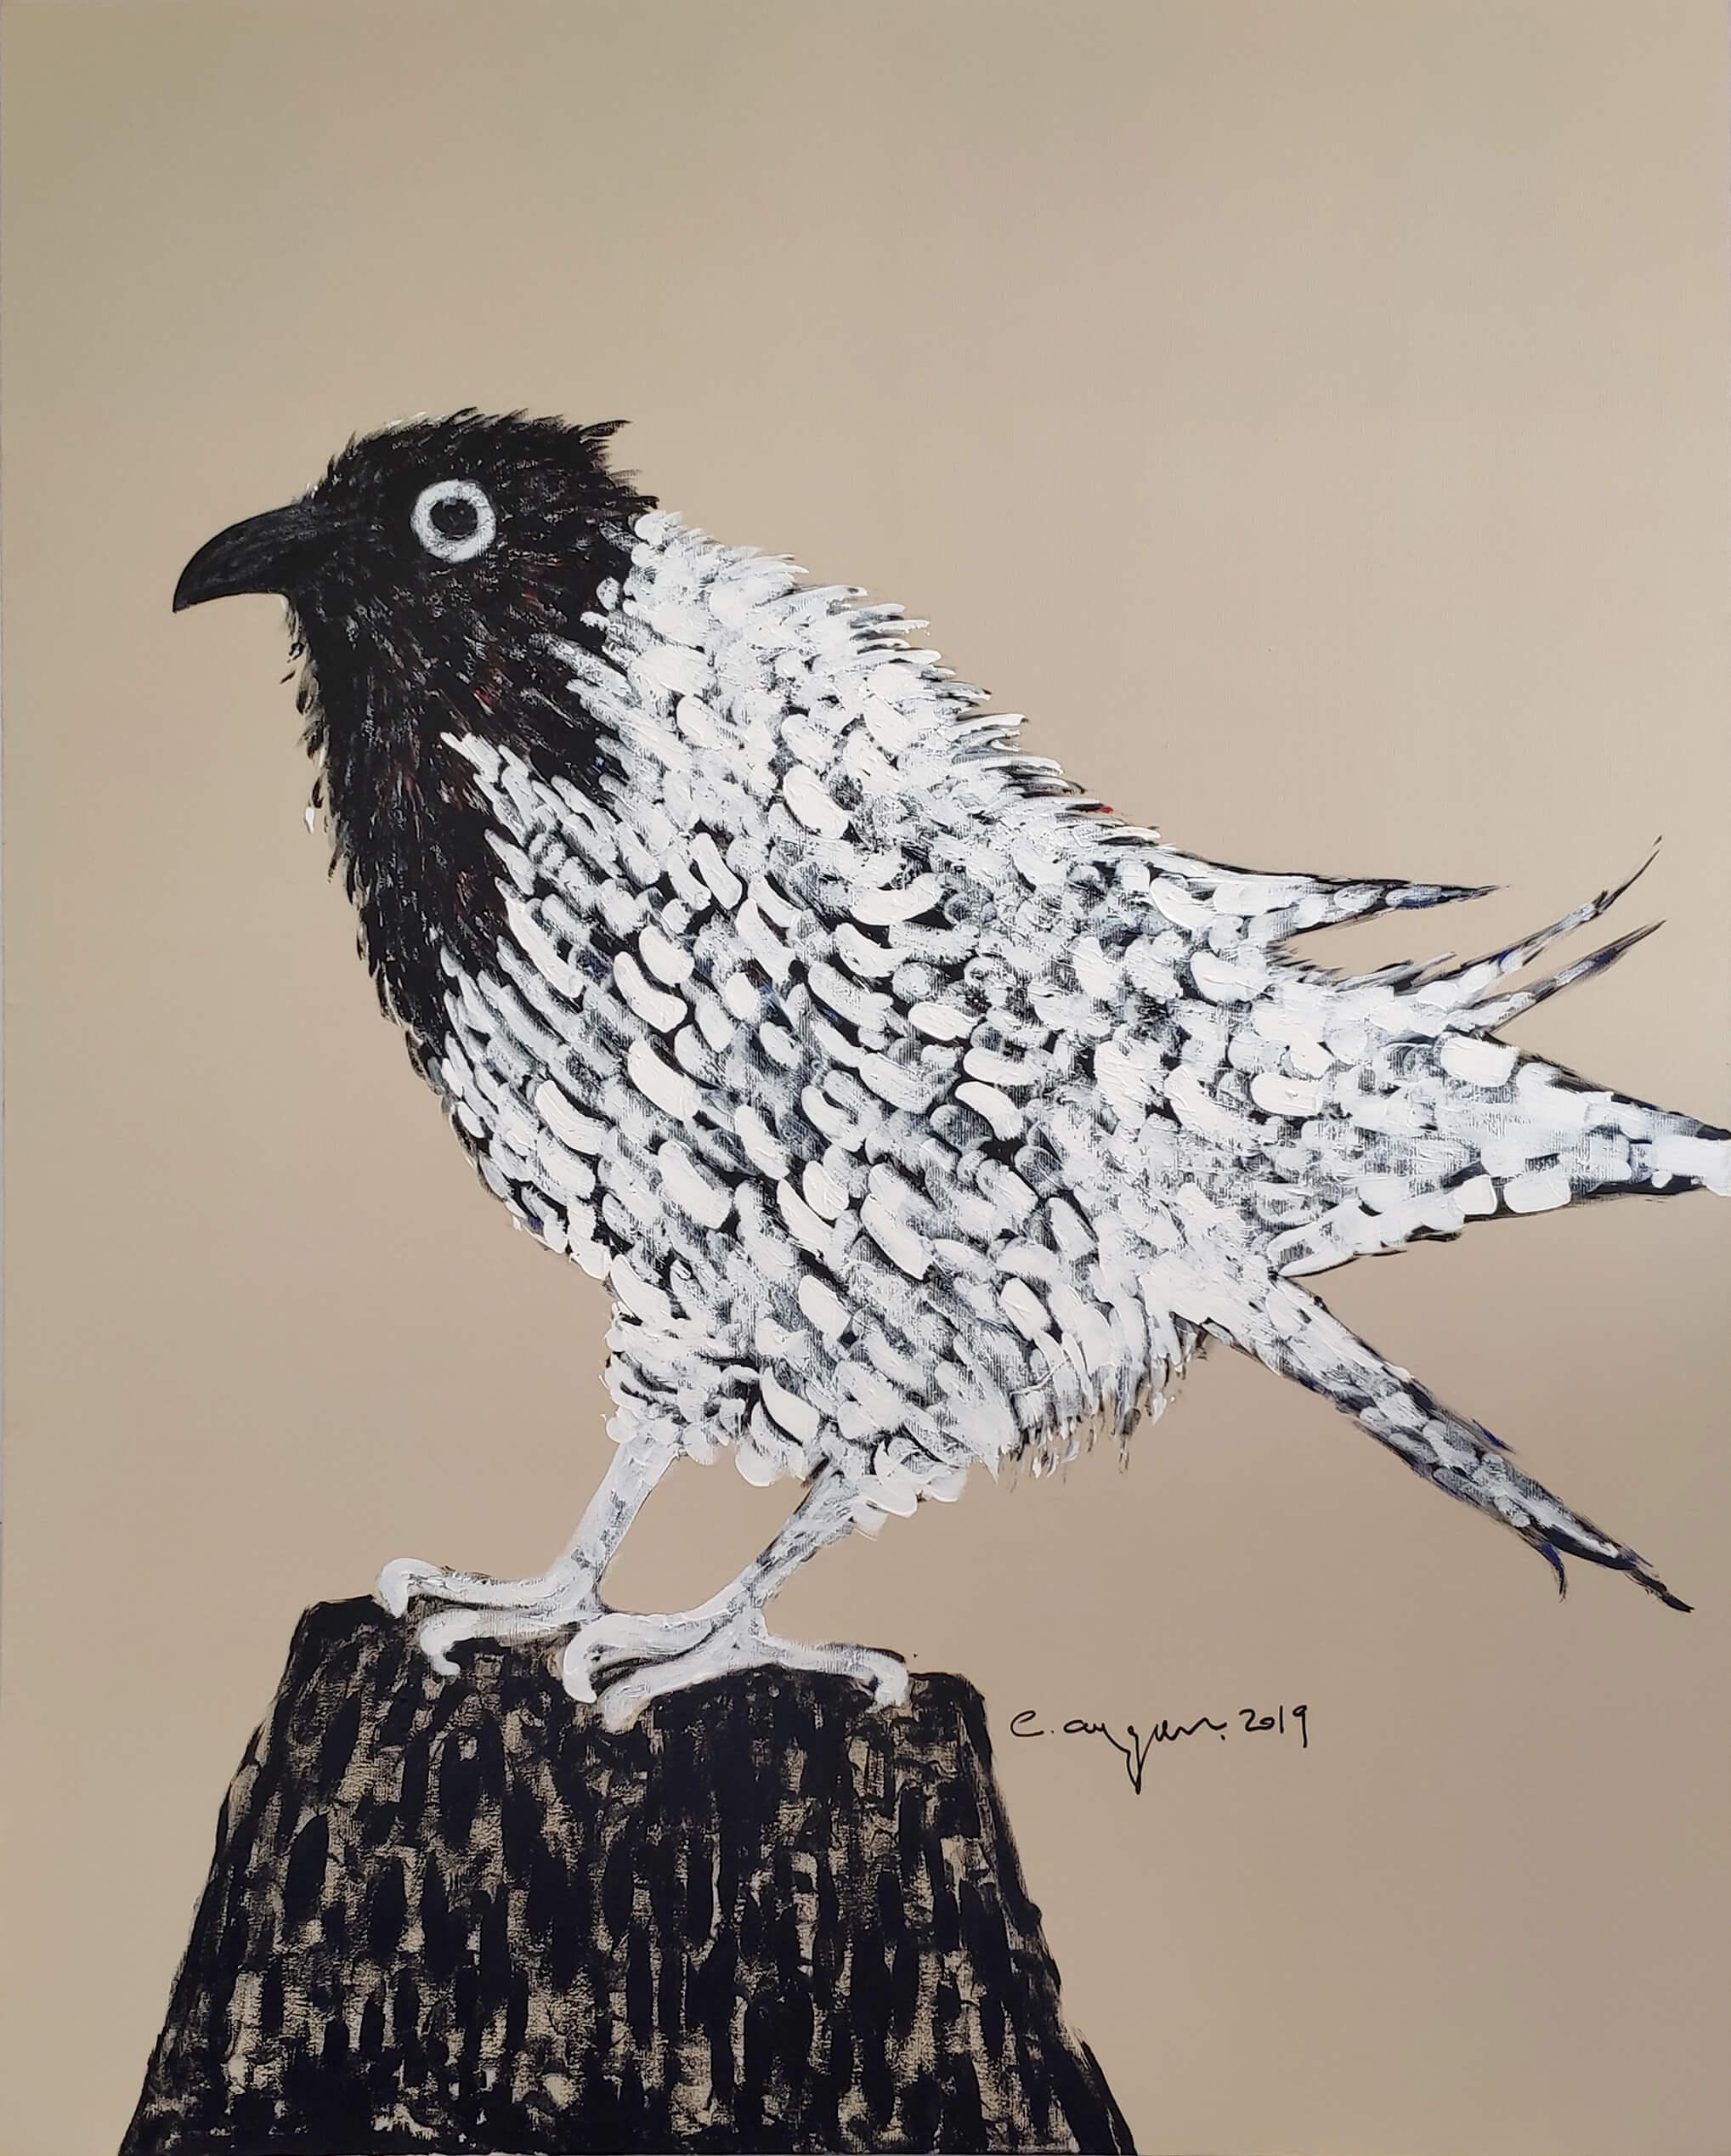 Выставка живописи турецких художников проходит в Near East University